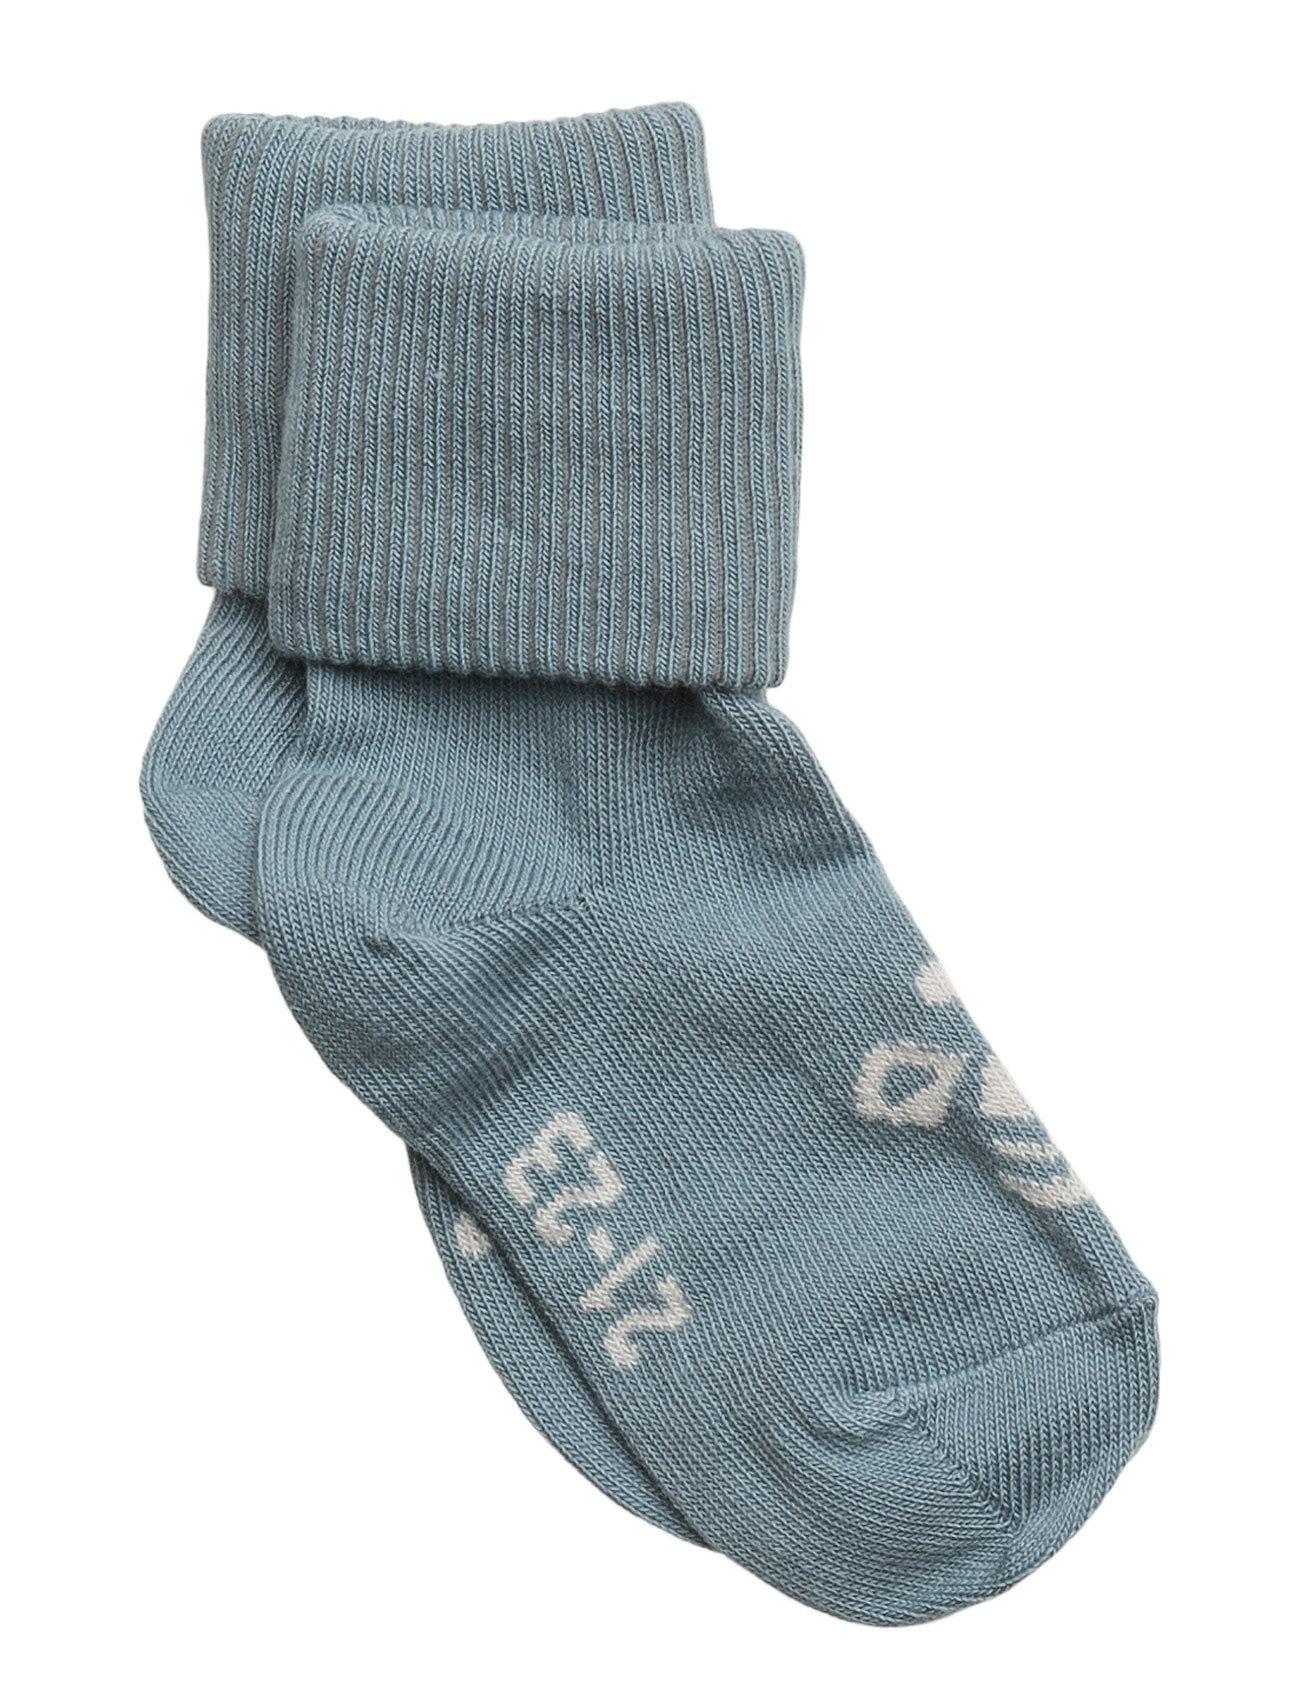 Sora Socks Hummel Strømper & Strømpebukser til Børn i